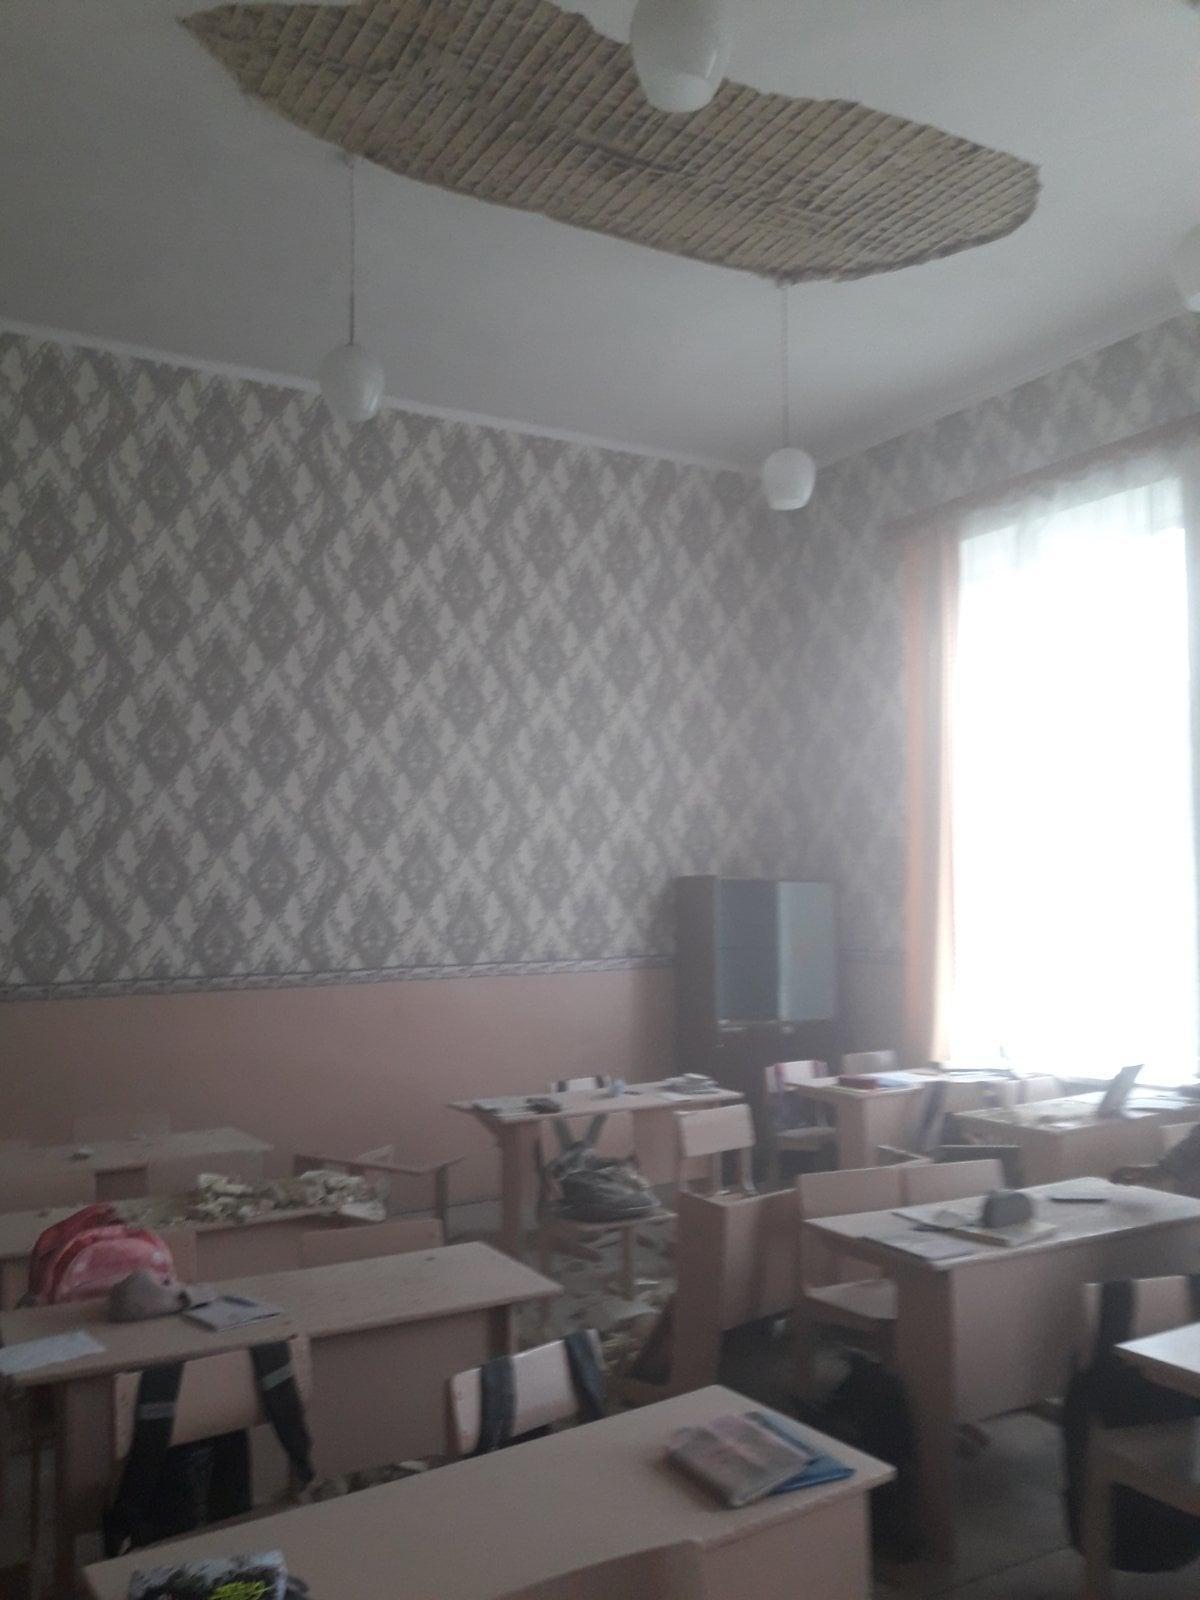 Ніхто з учнів не постраждав \ Новгород-Сіверська міська територіальна громада